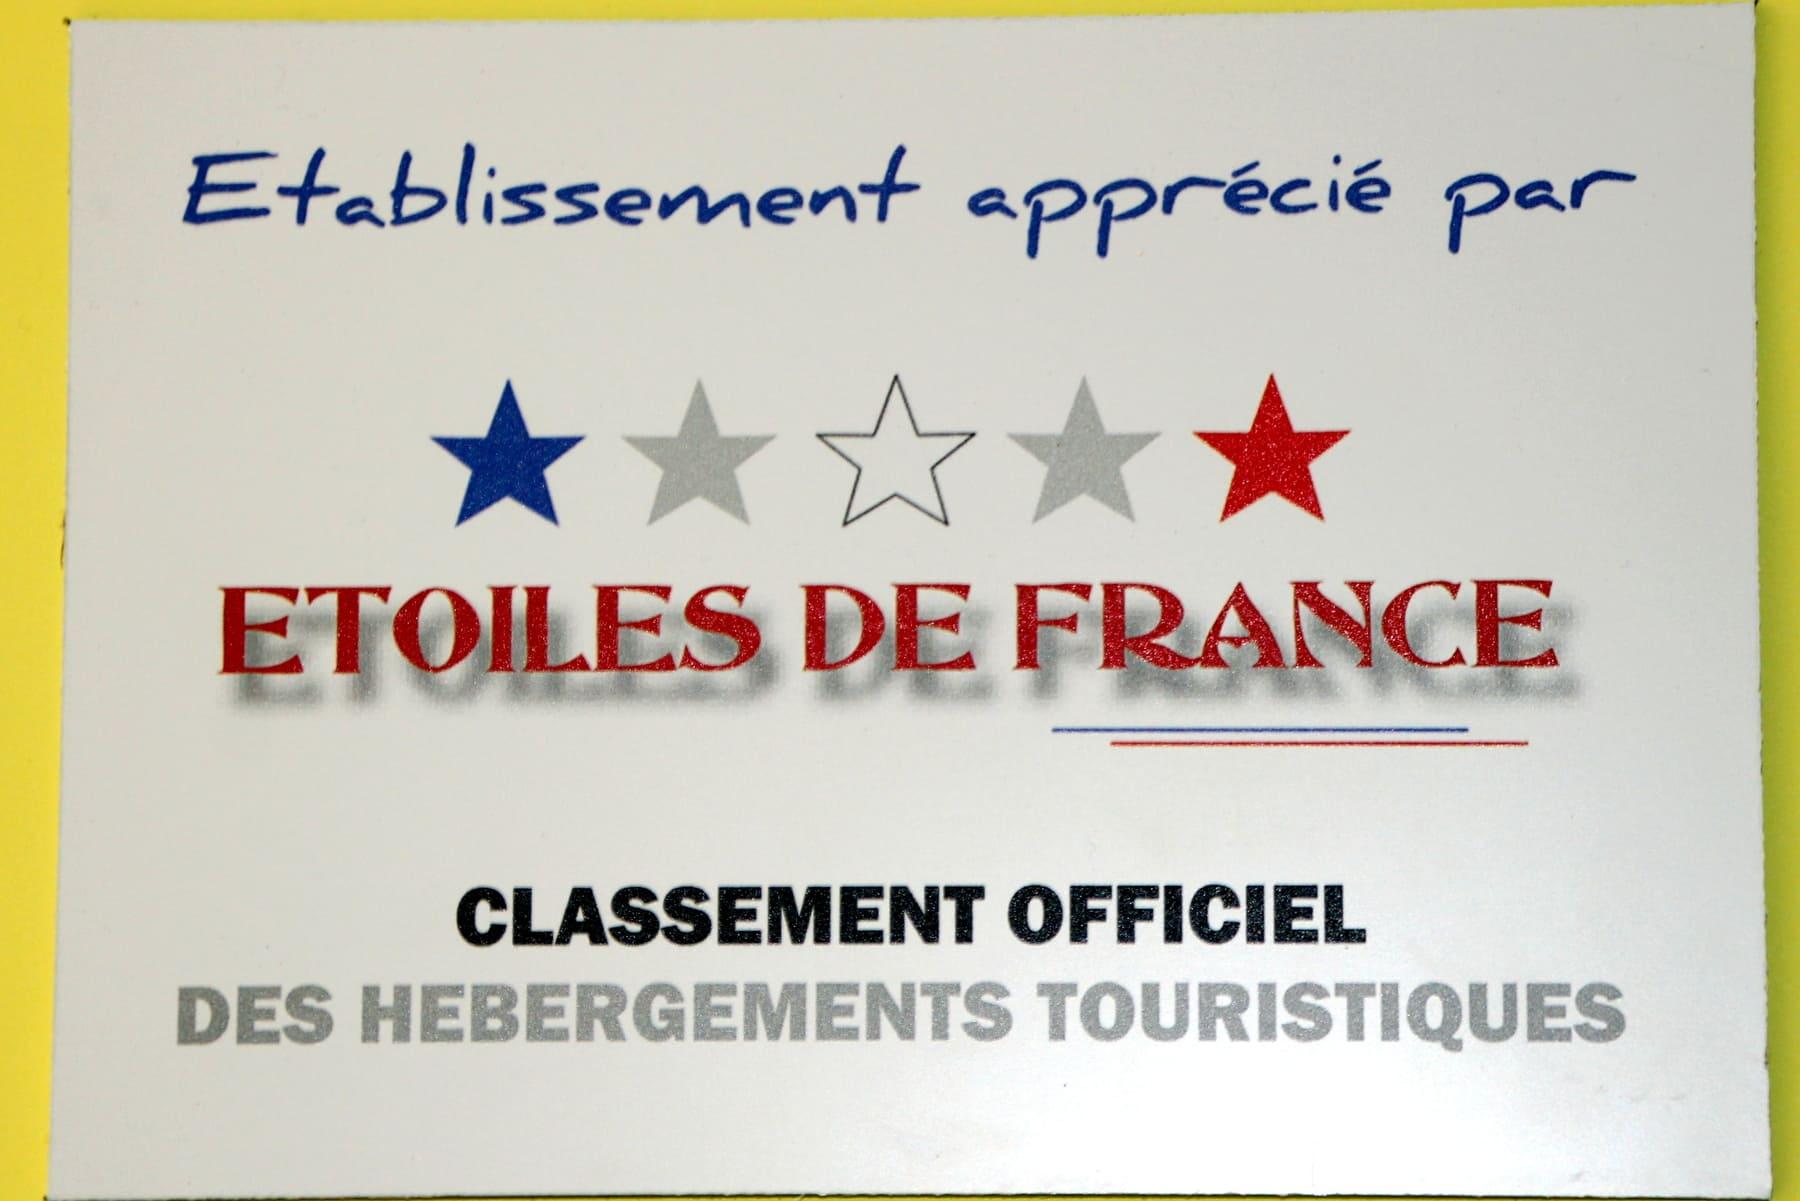 classification 4 Etoiles établissement touristique location saisonnière villa de standing Montpellier